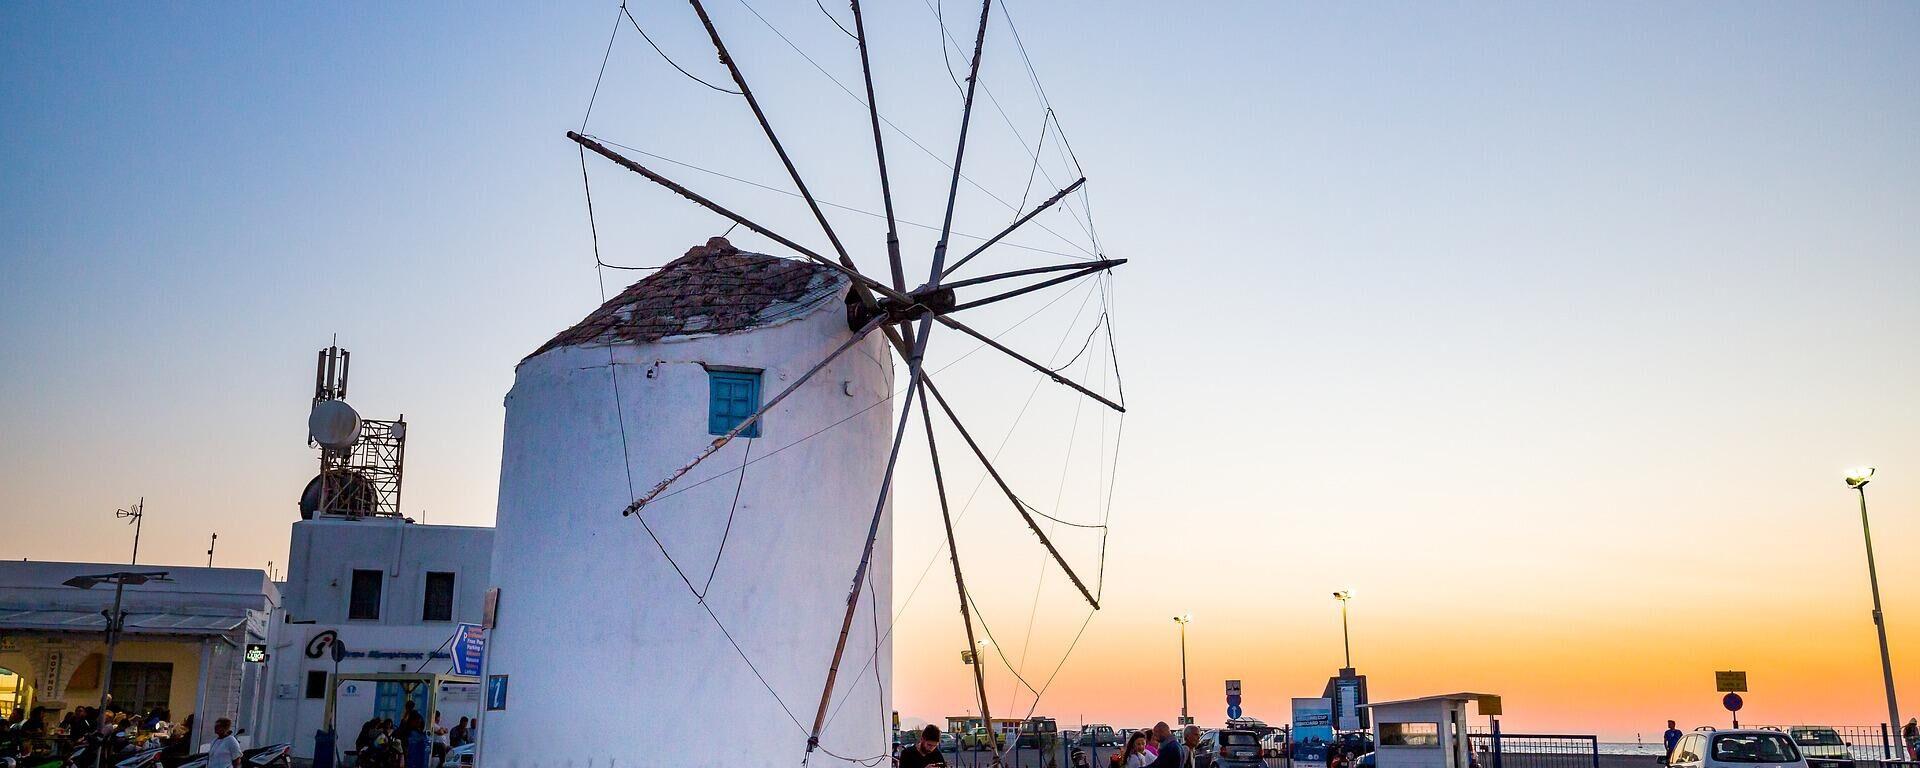 Μύκονος - Sputnik Ελλάδα, 1920, 29.07.2021